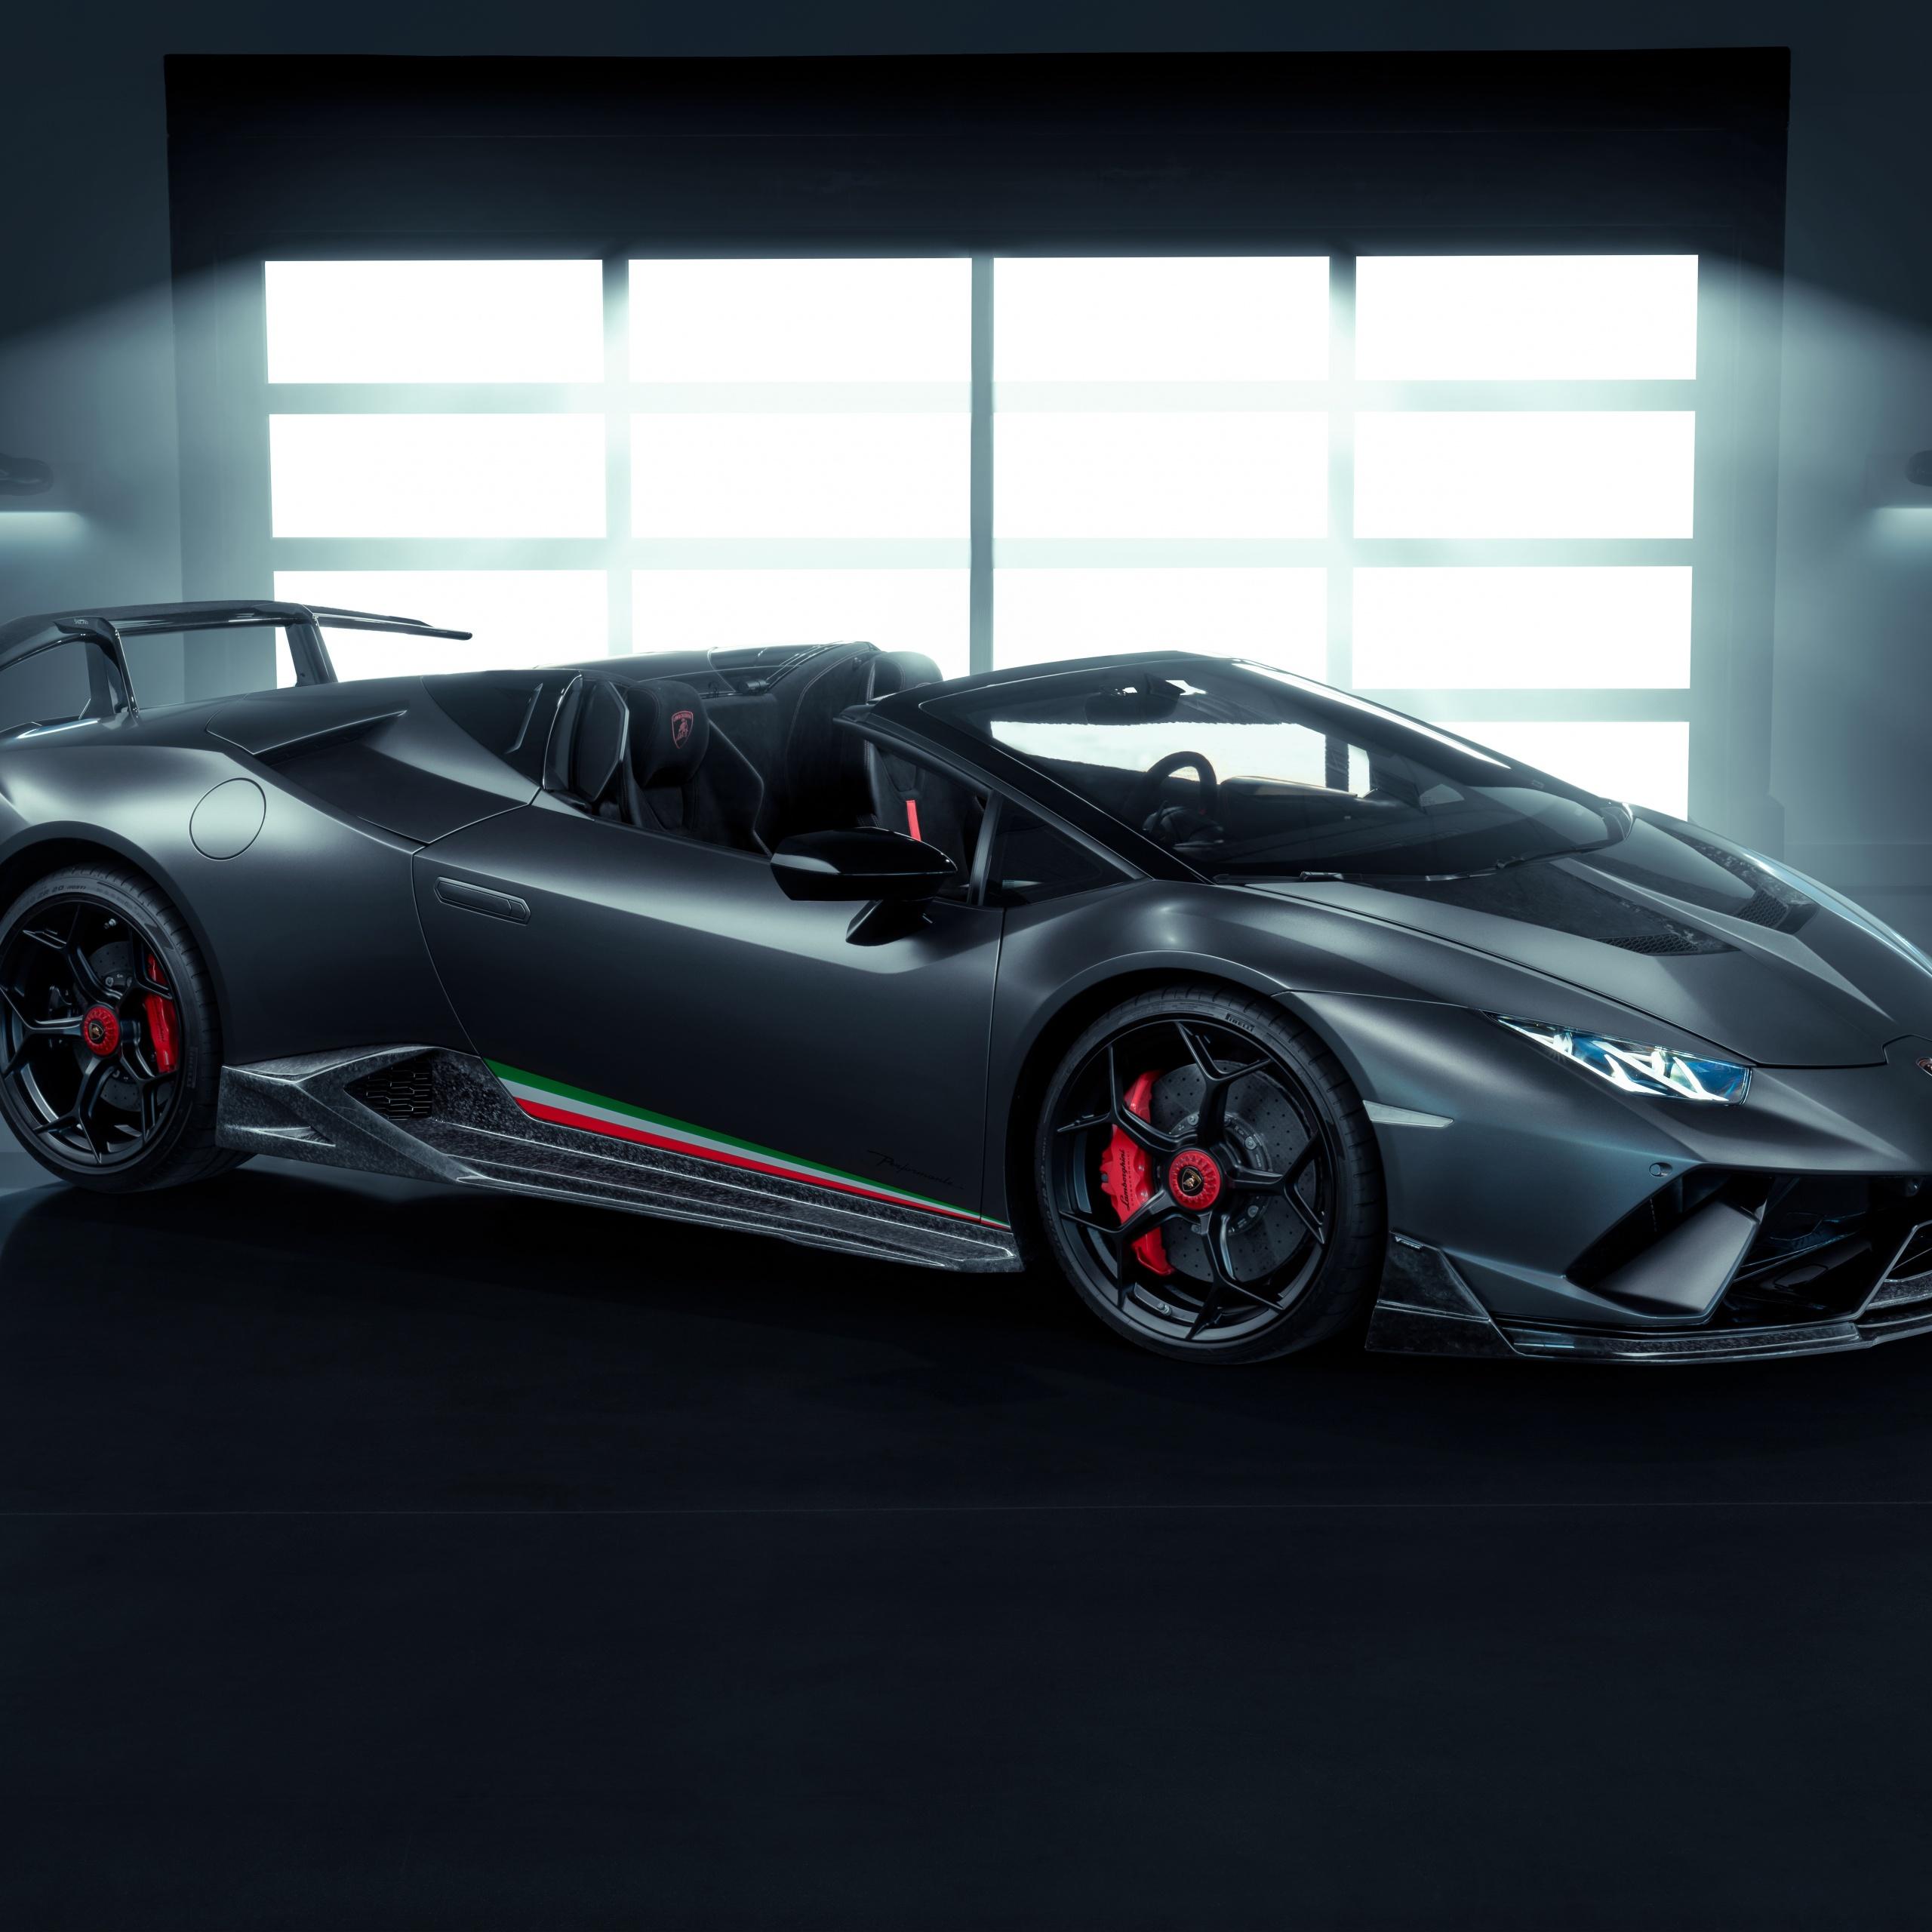 Lamborghini Huracan Performante Spyder Vicenza Edizione 4K